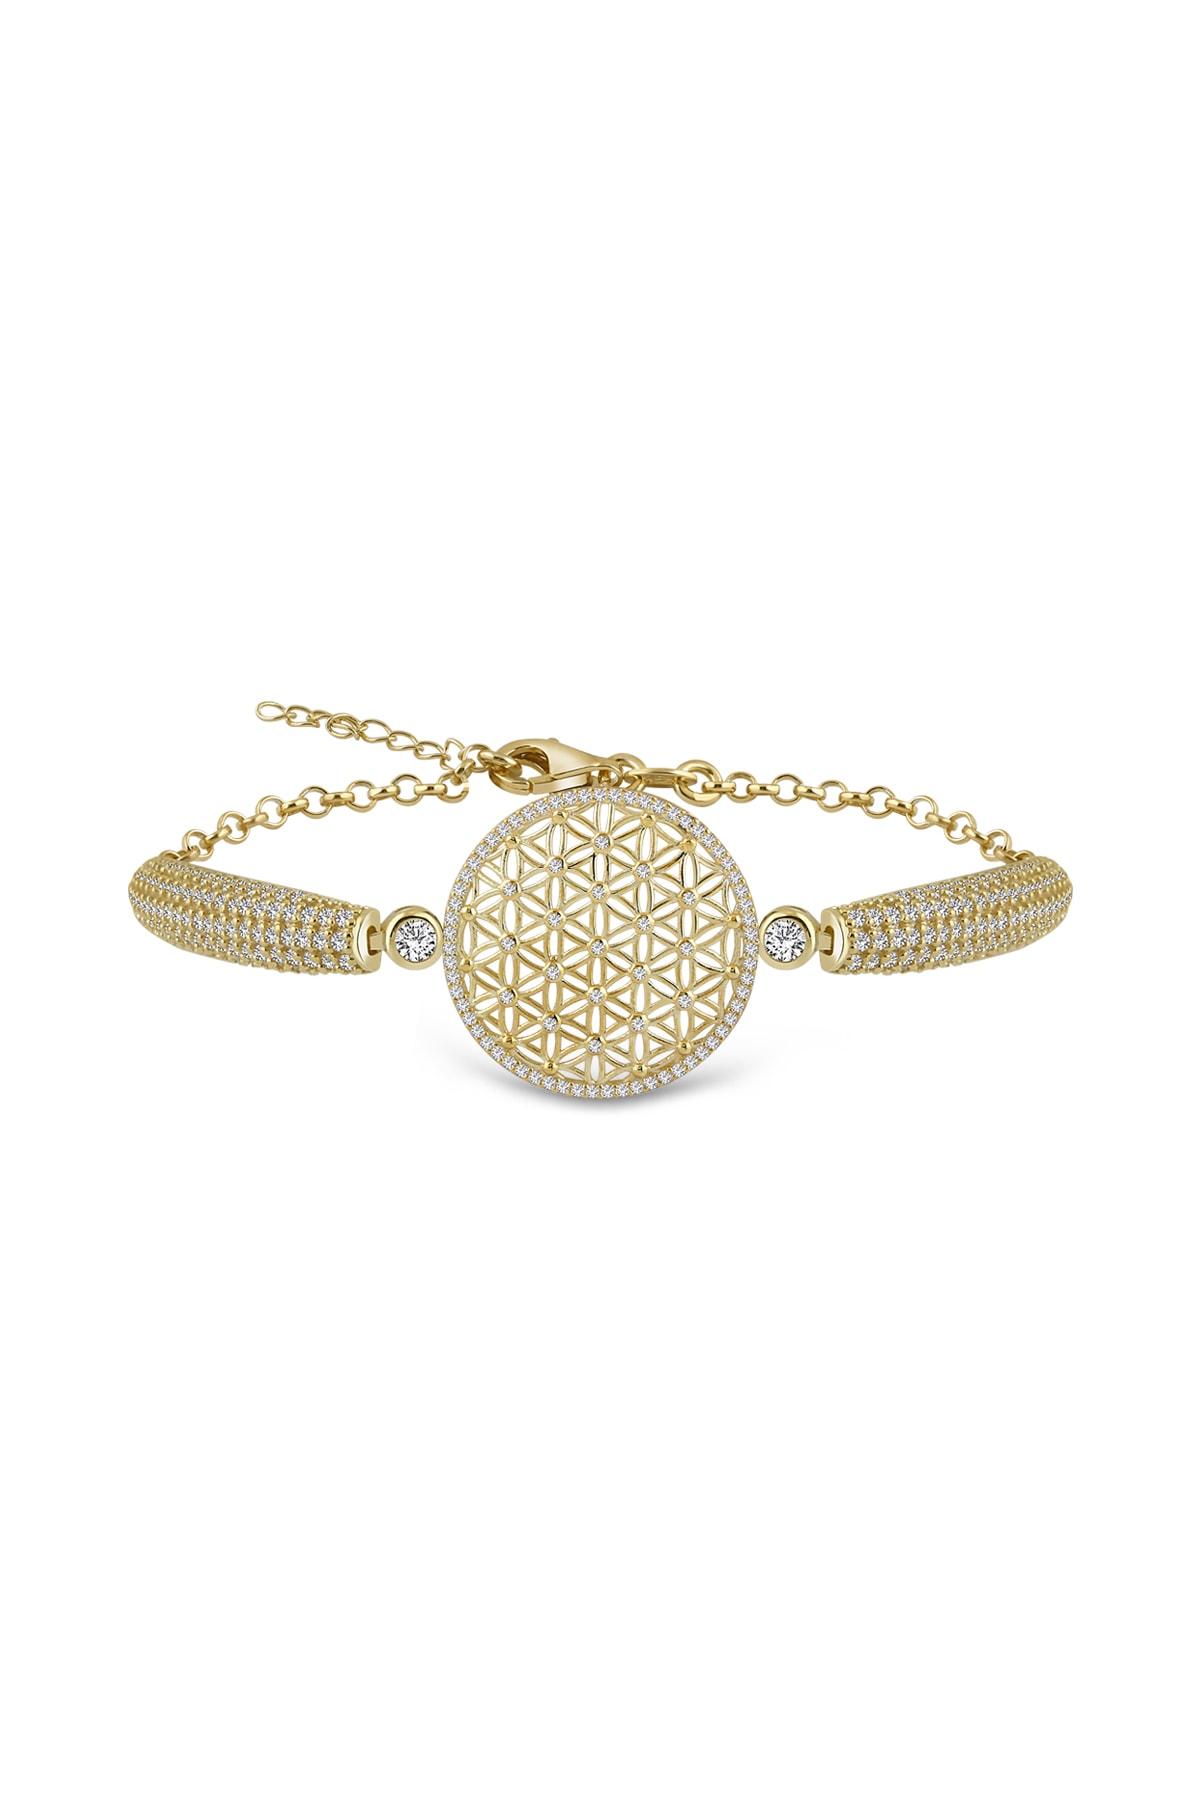 Gümüş Çarşısı Kadın Yaşam Çiçeği Gümüş Bileklik GCB723 1